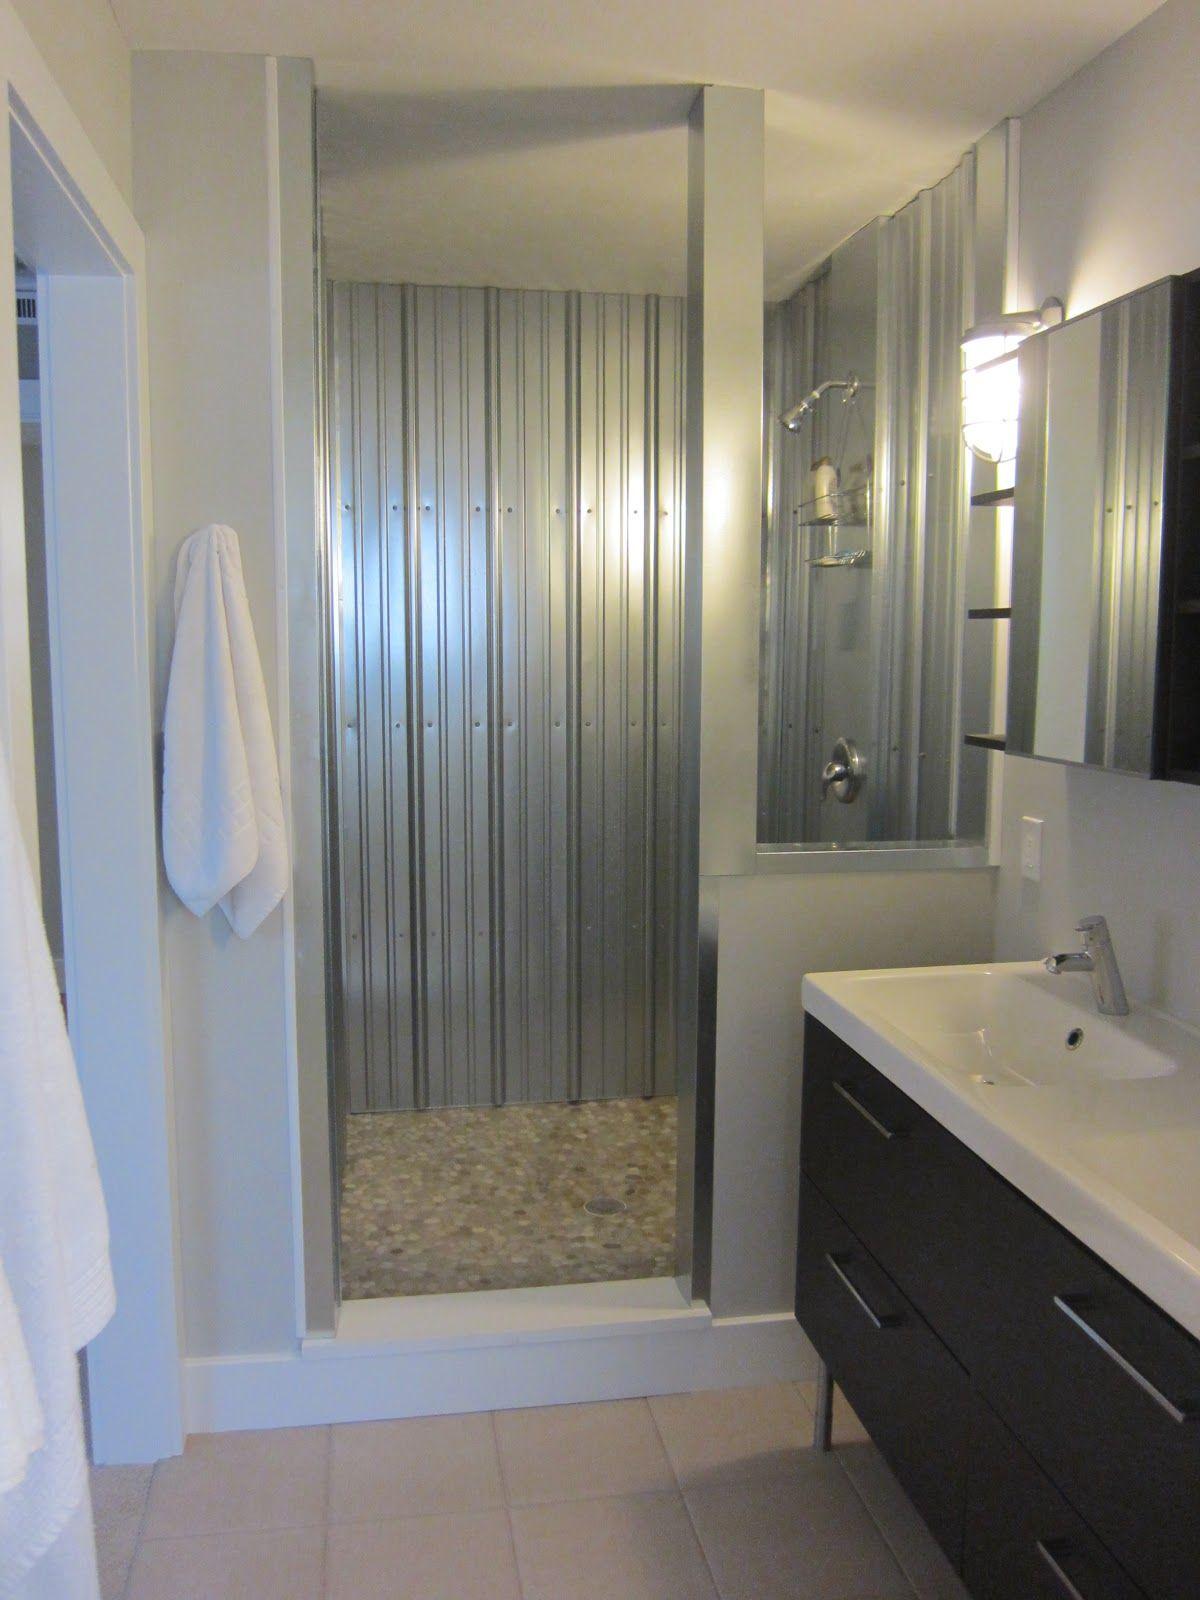 Corrugated Shower In 2020 Tin Shower Walls Galvanized